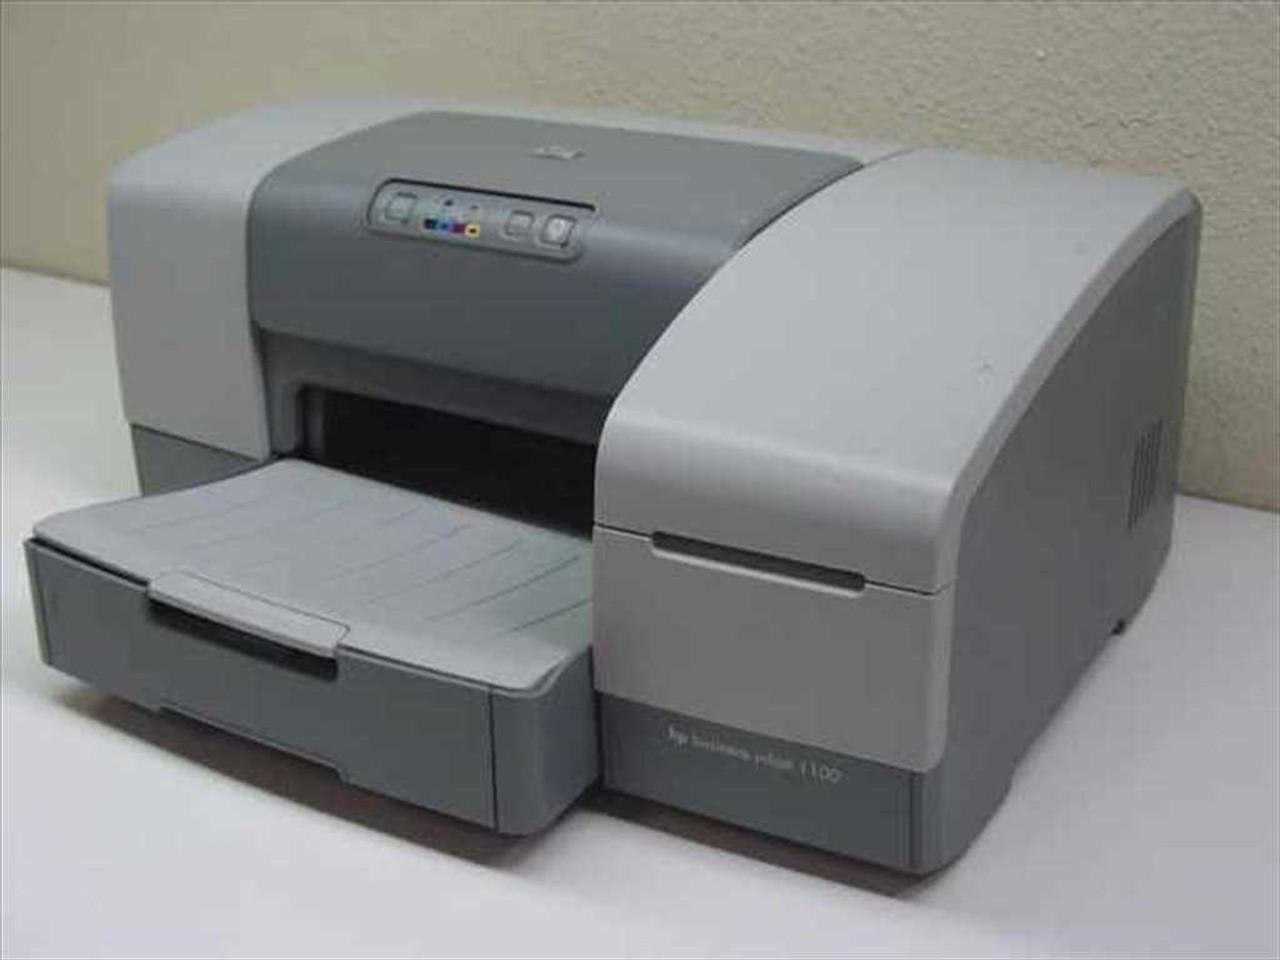 Hp C8124a Business Inkjet 1100 Laserjet 1100a Service Manual